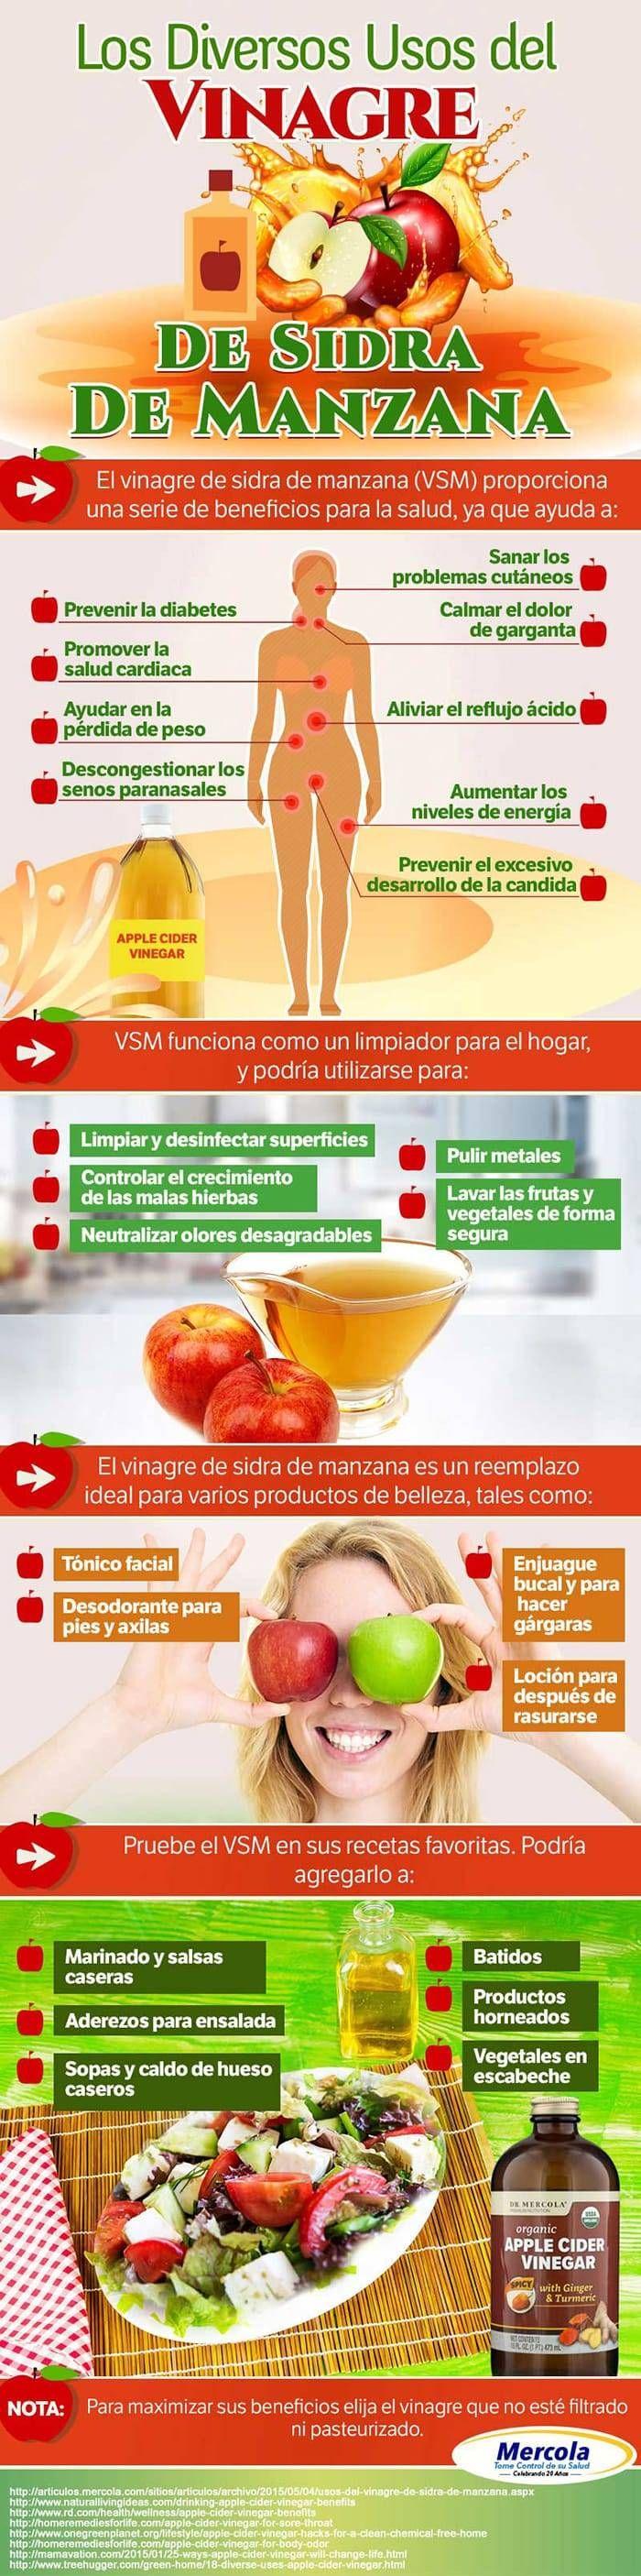 Beneficios, usos y propiedades del vinagre de sidra de manzana. #vinagredemanzana #infografia #remediosnaturales